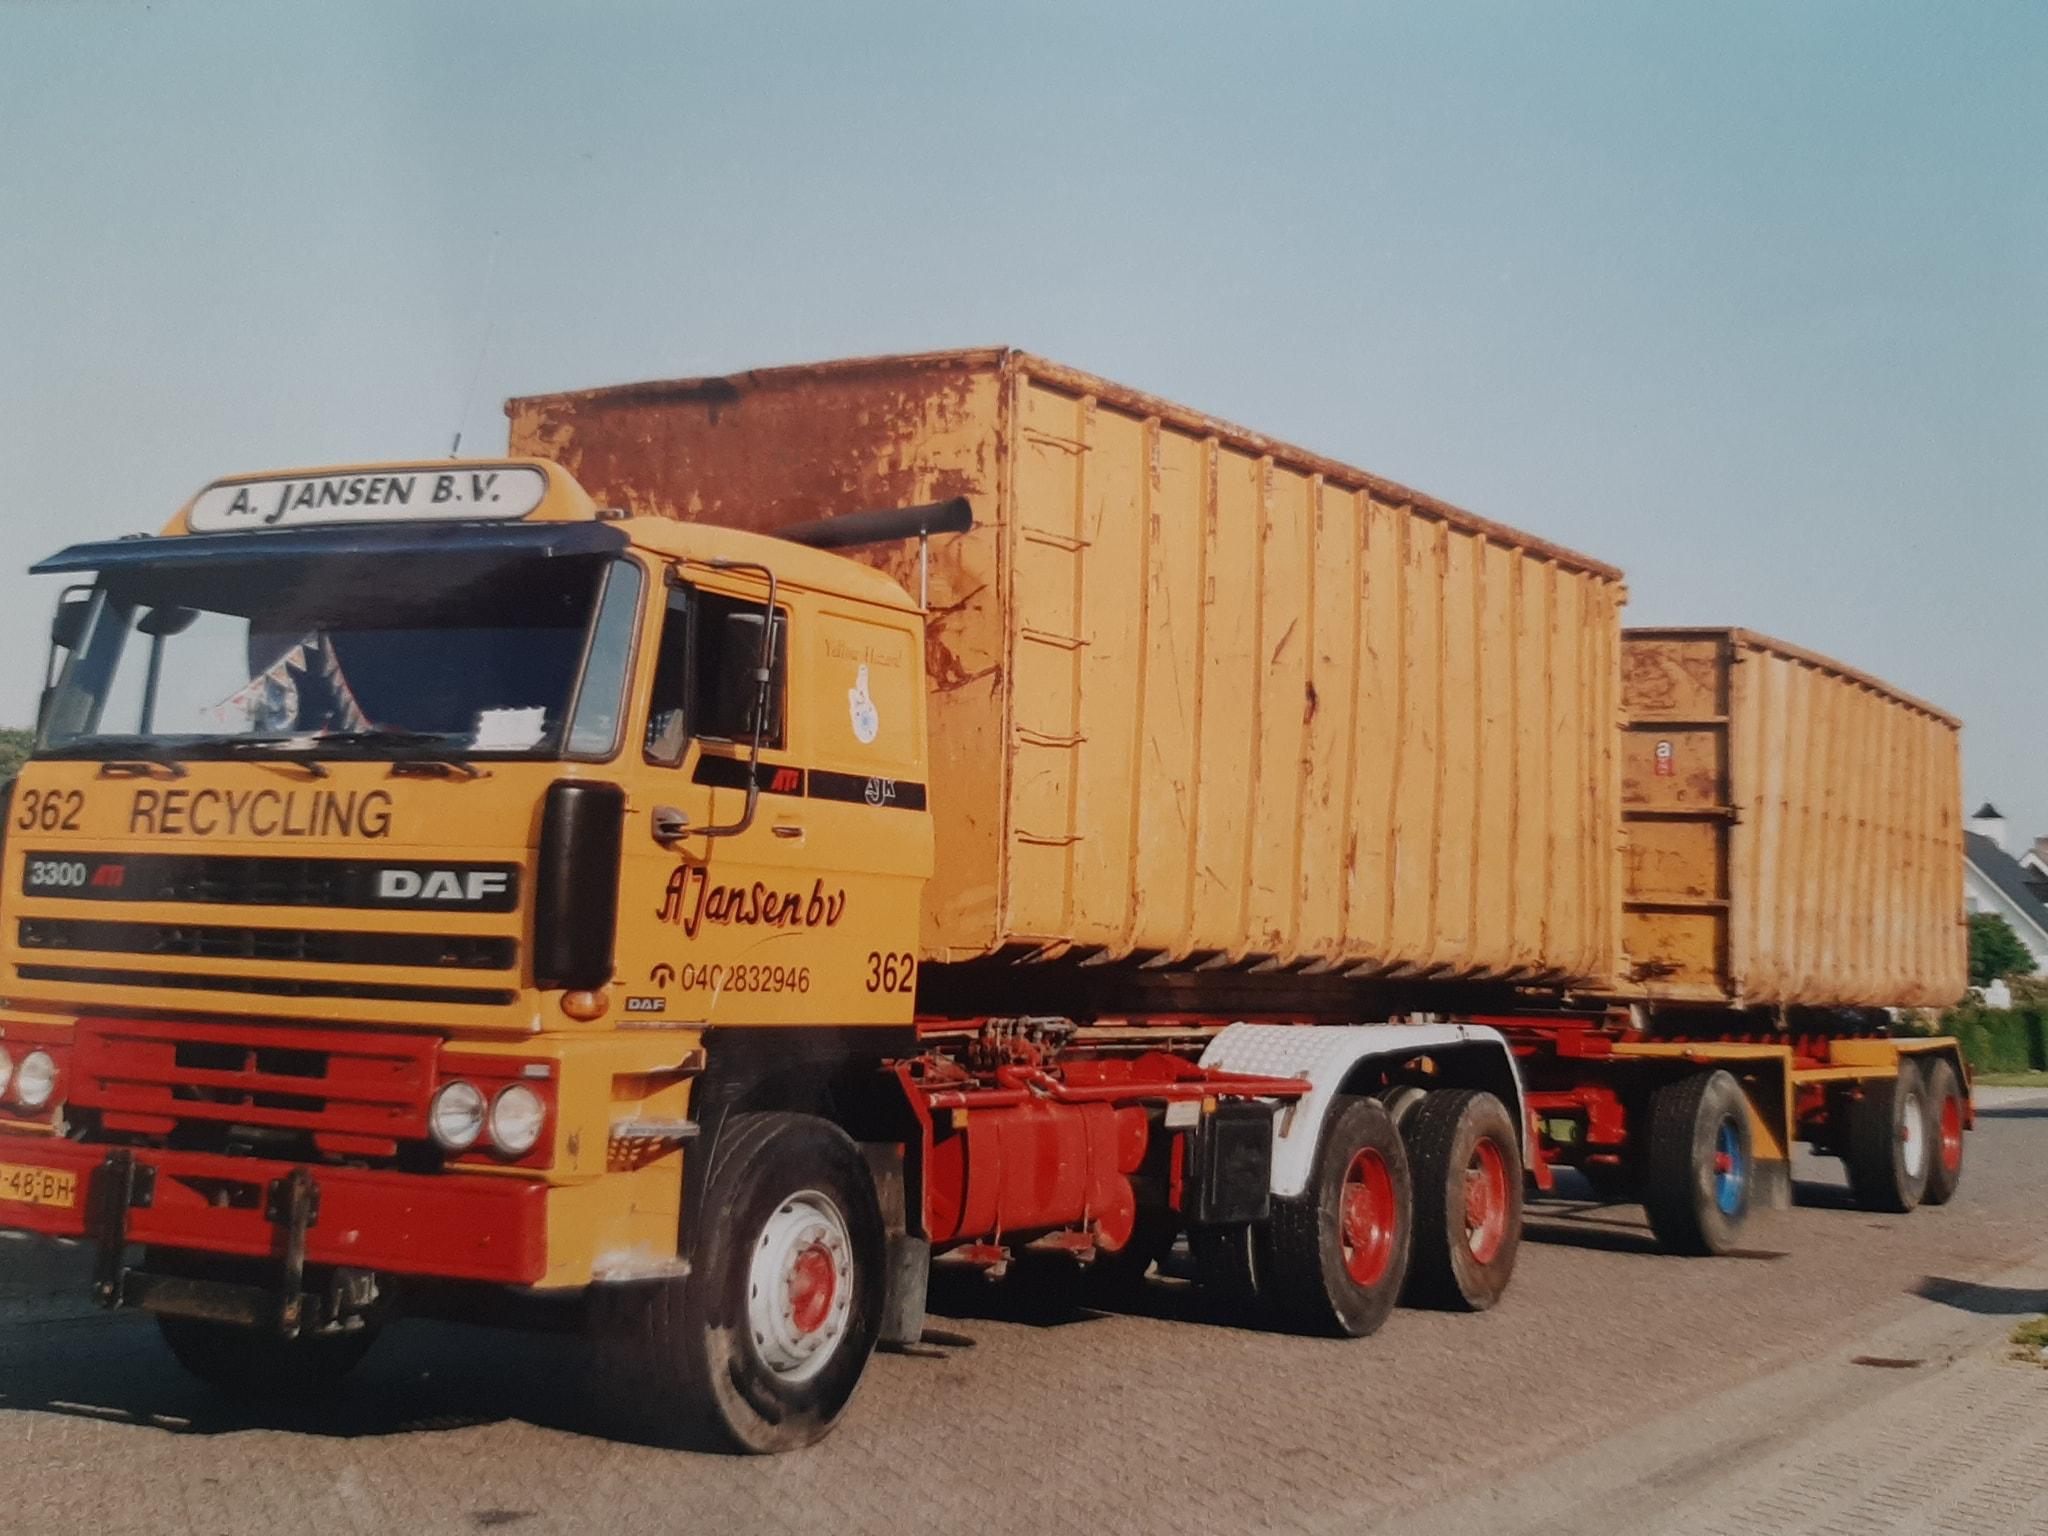 DAF-3300-6X4-